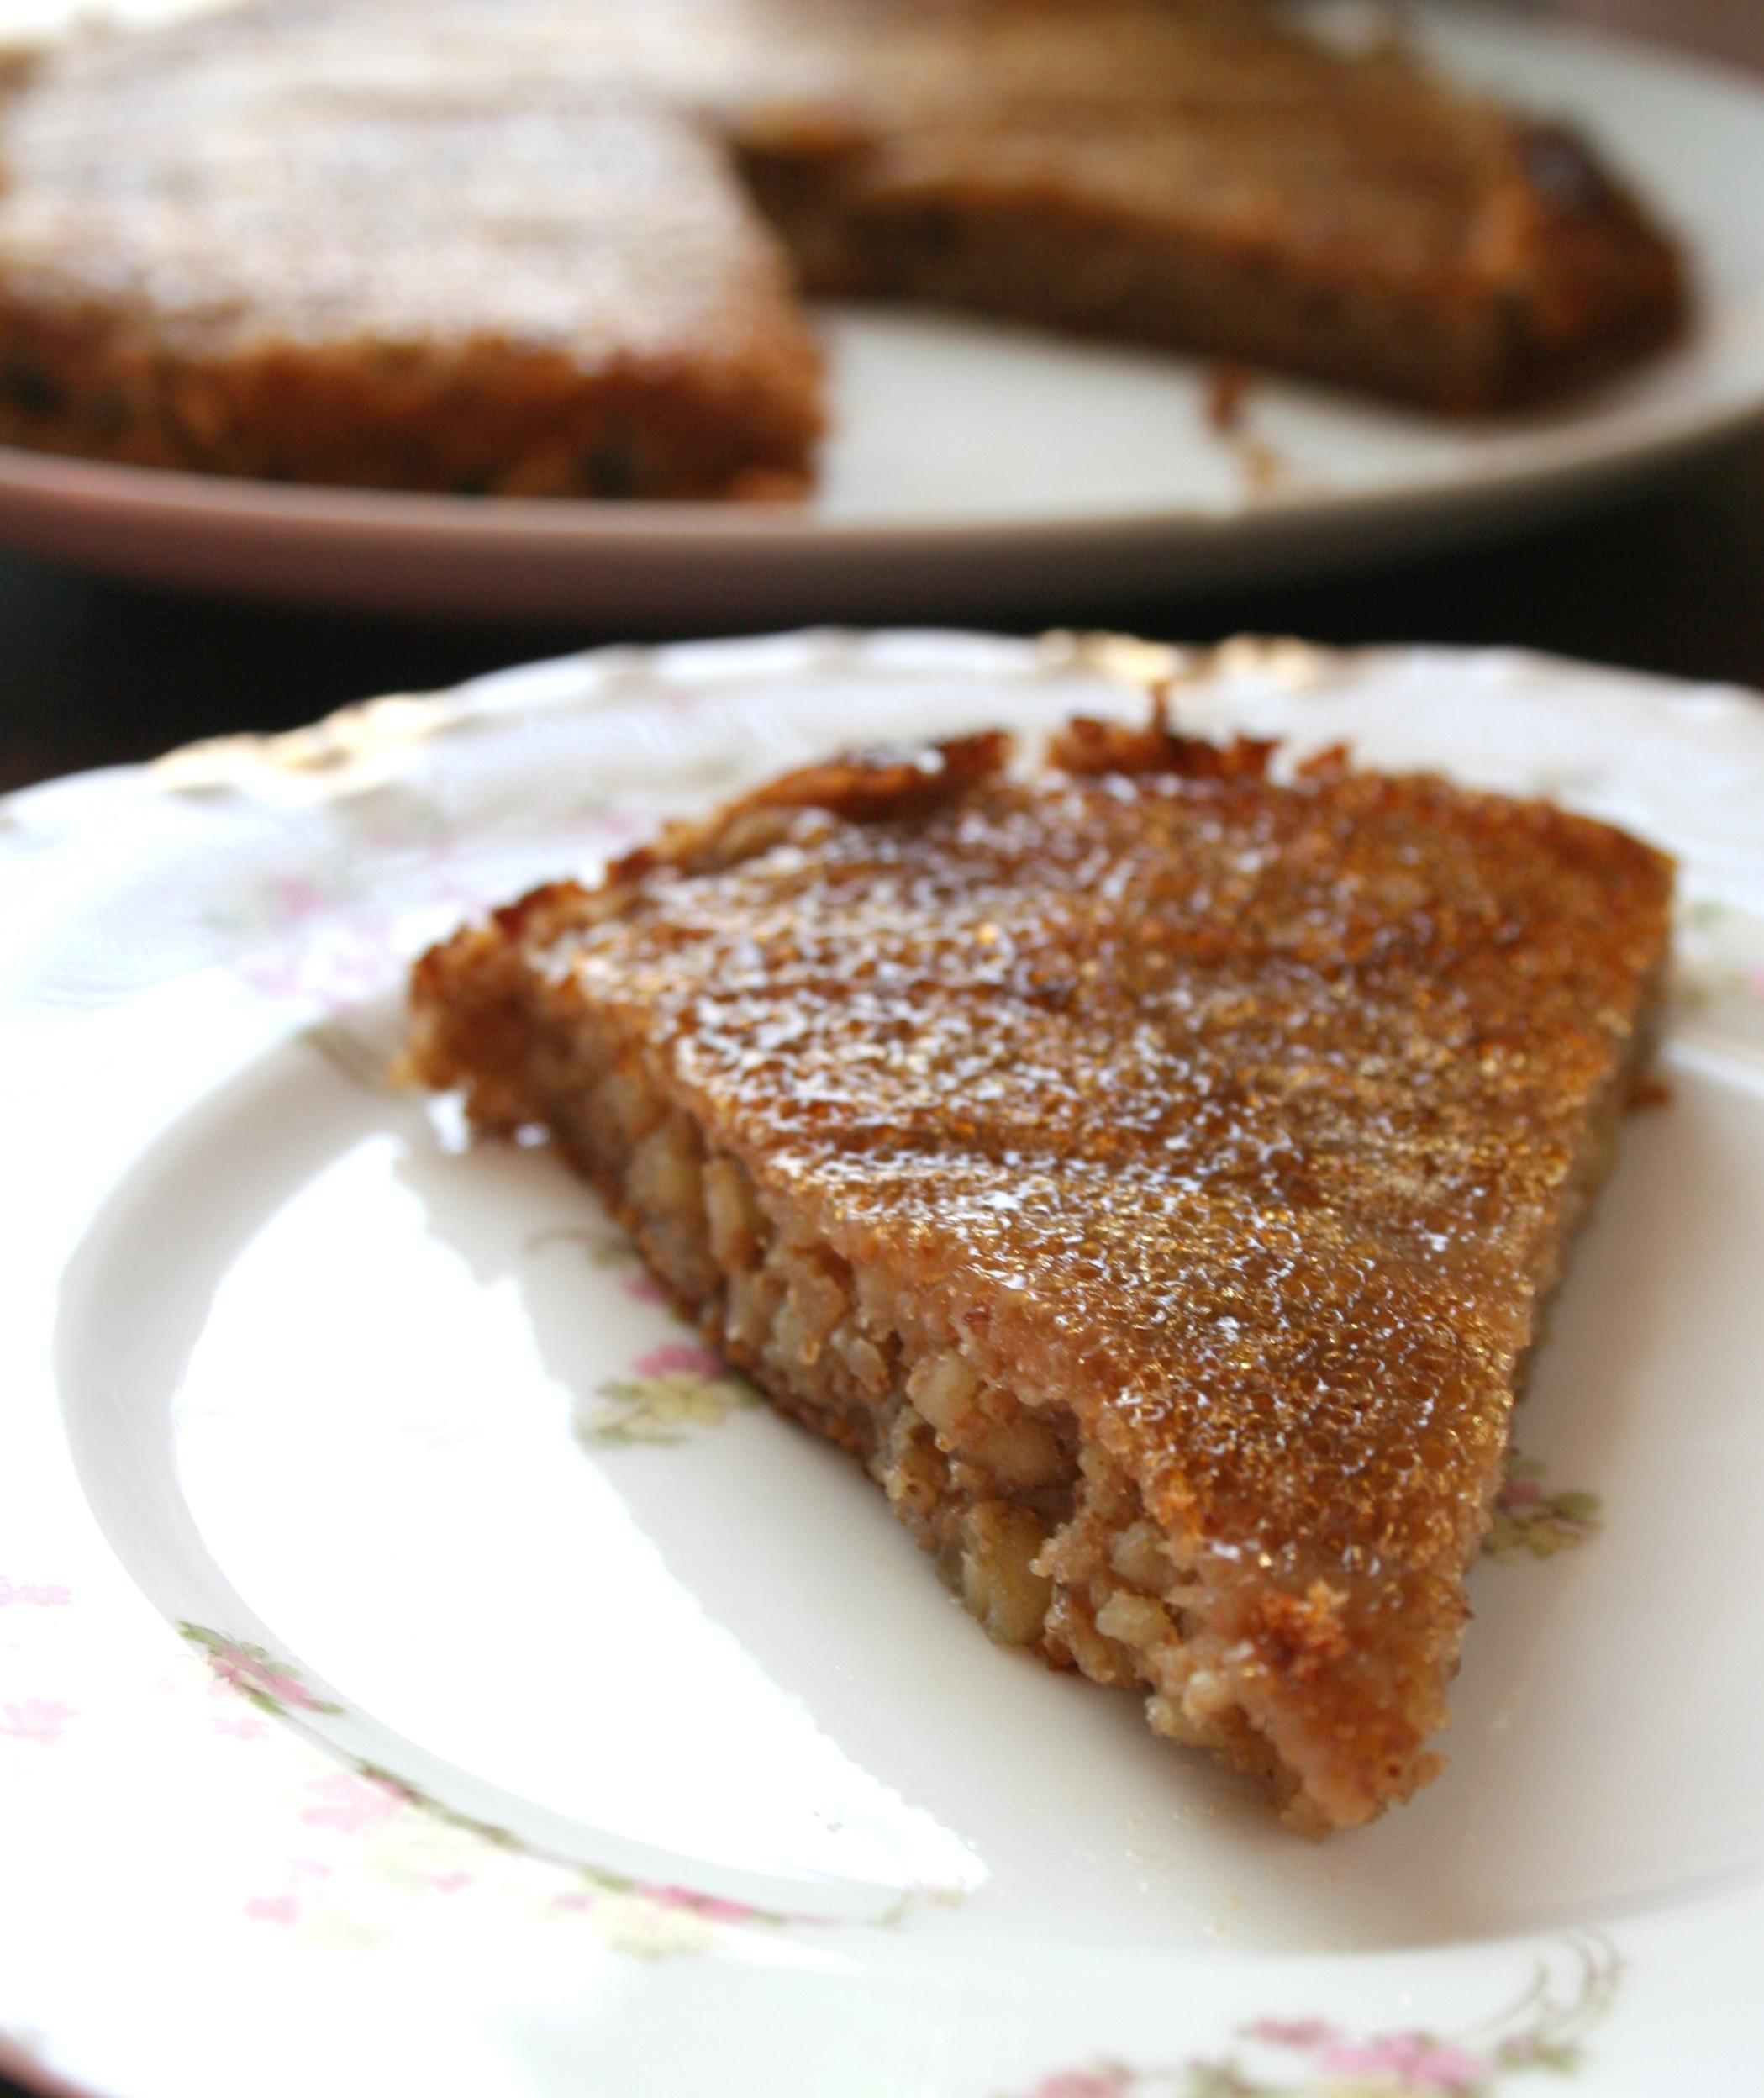 Slice of paleo cake